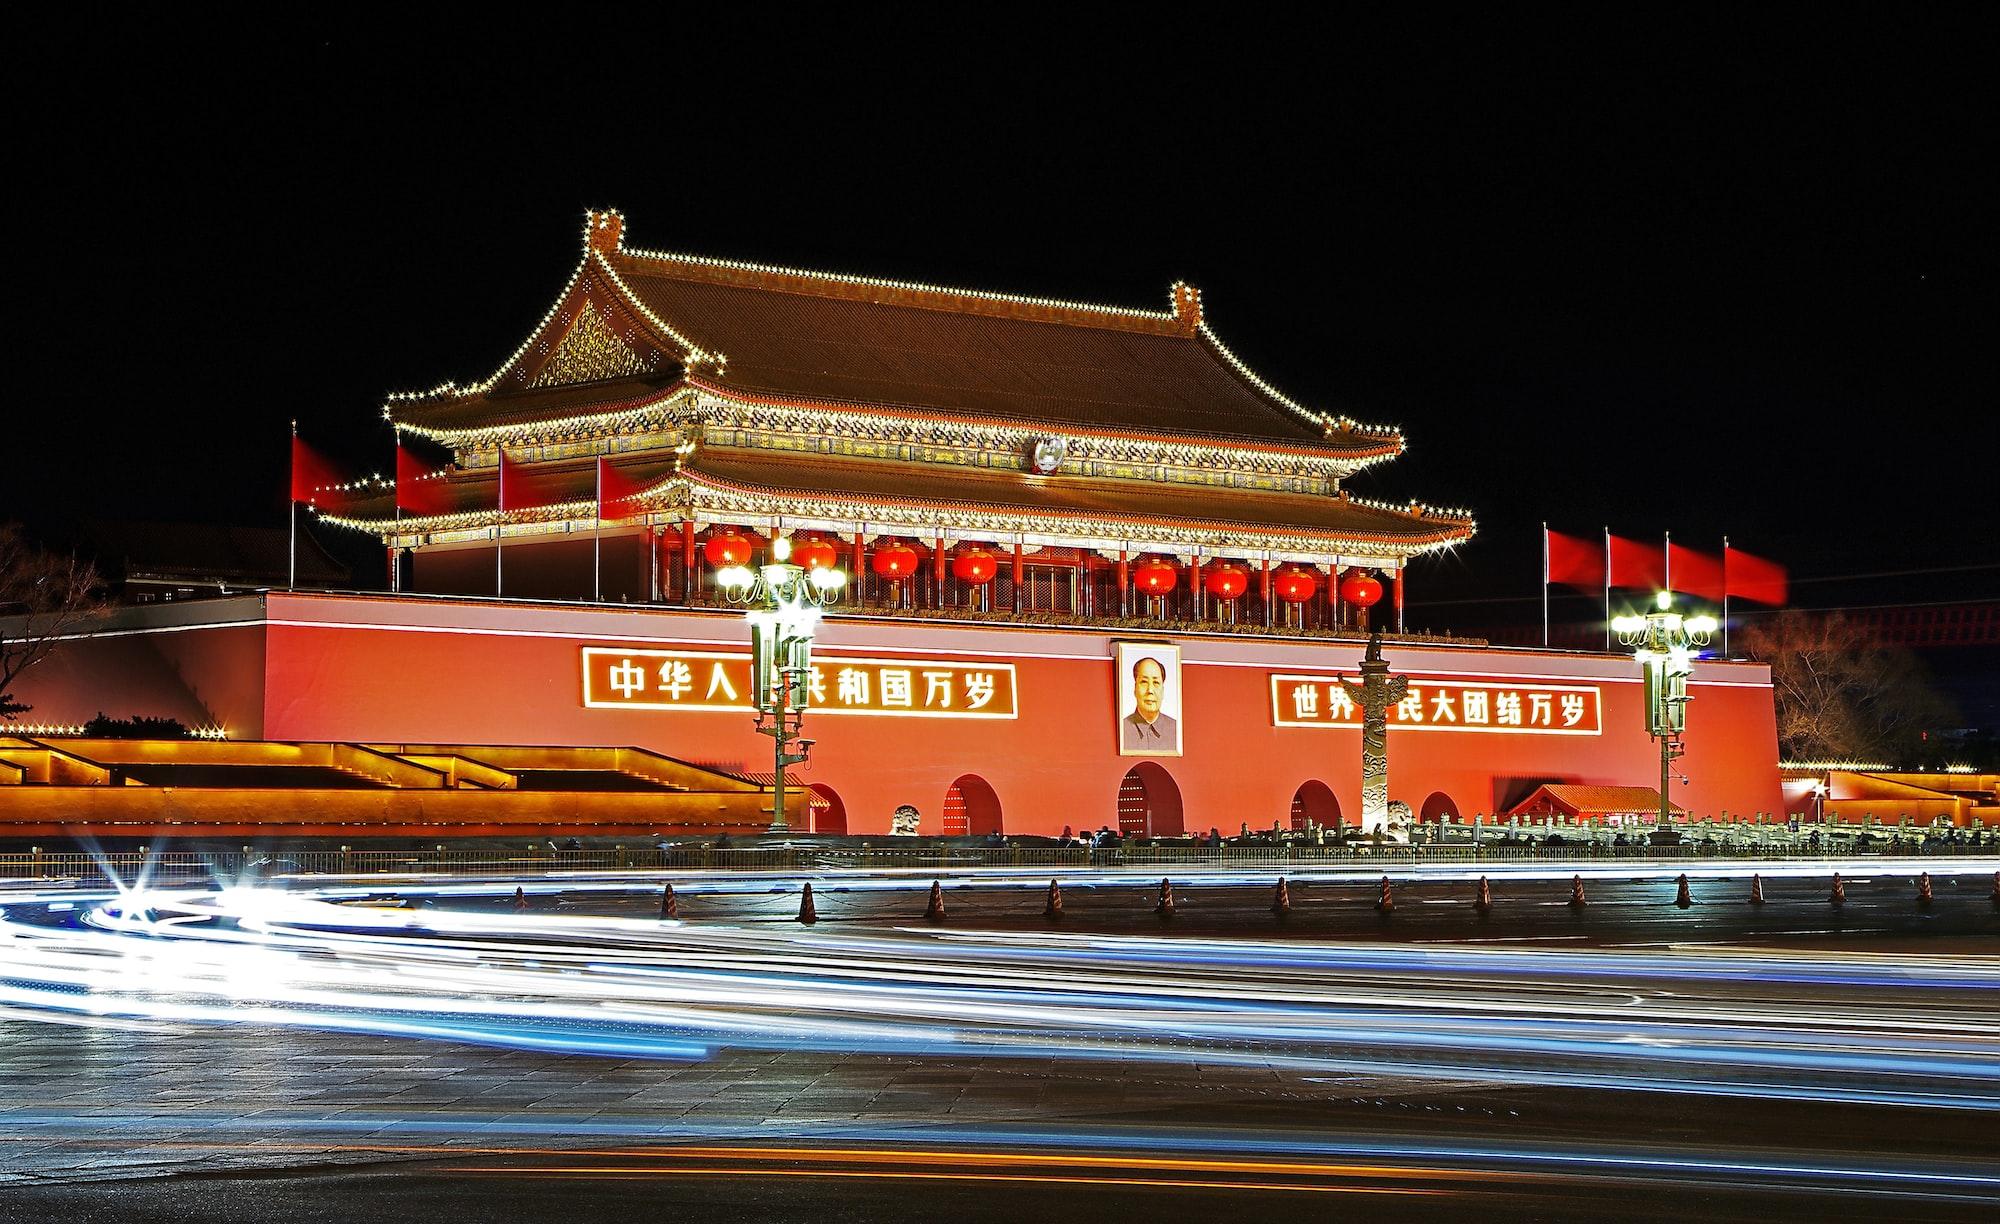 China 🇨🇳